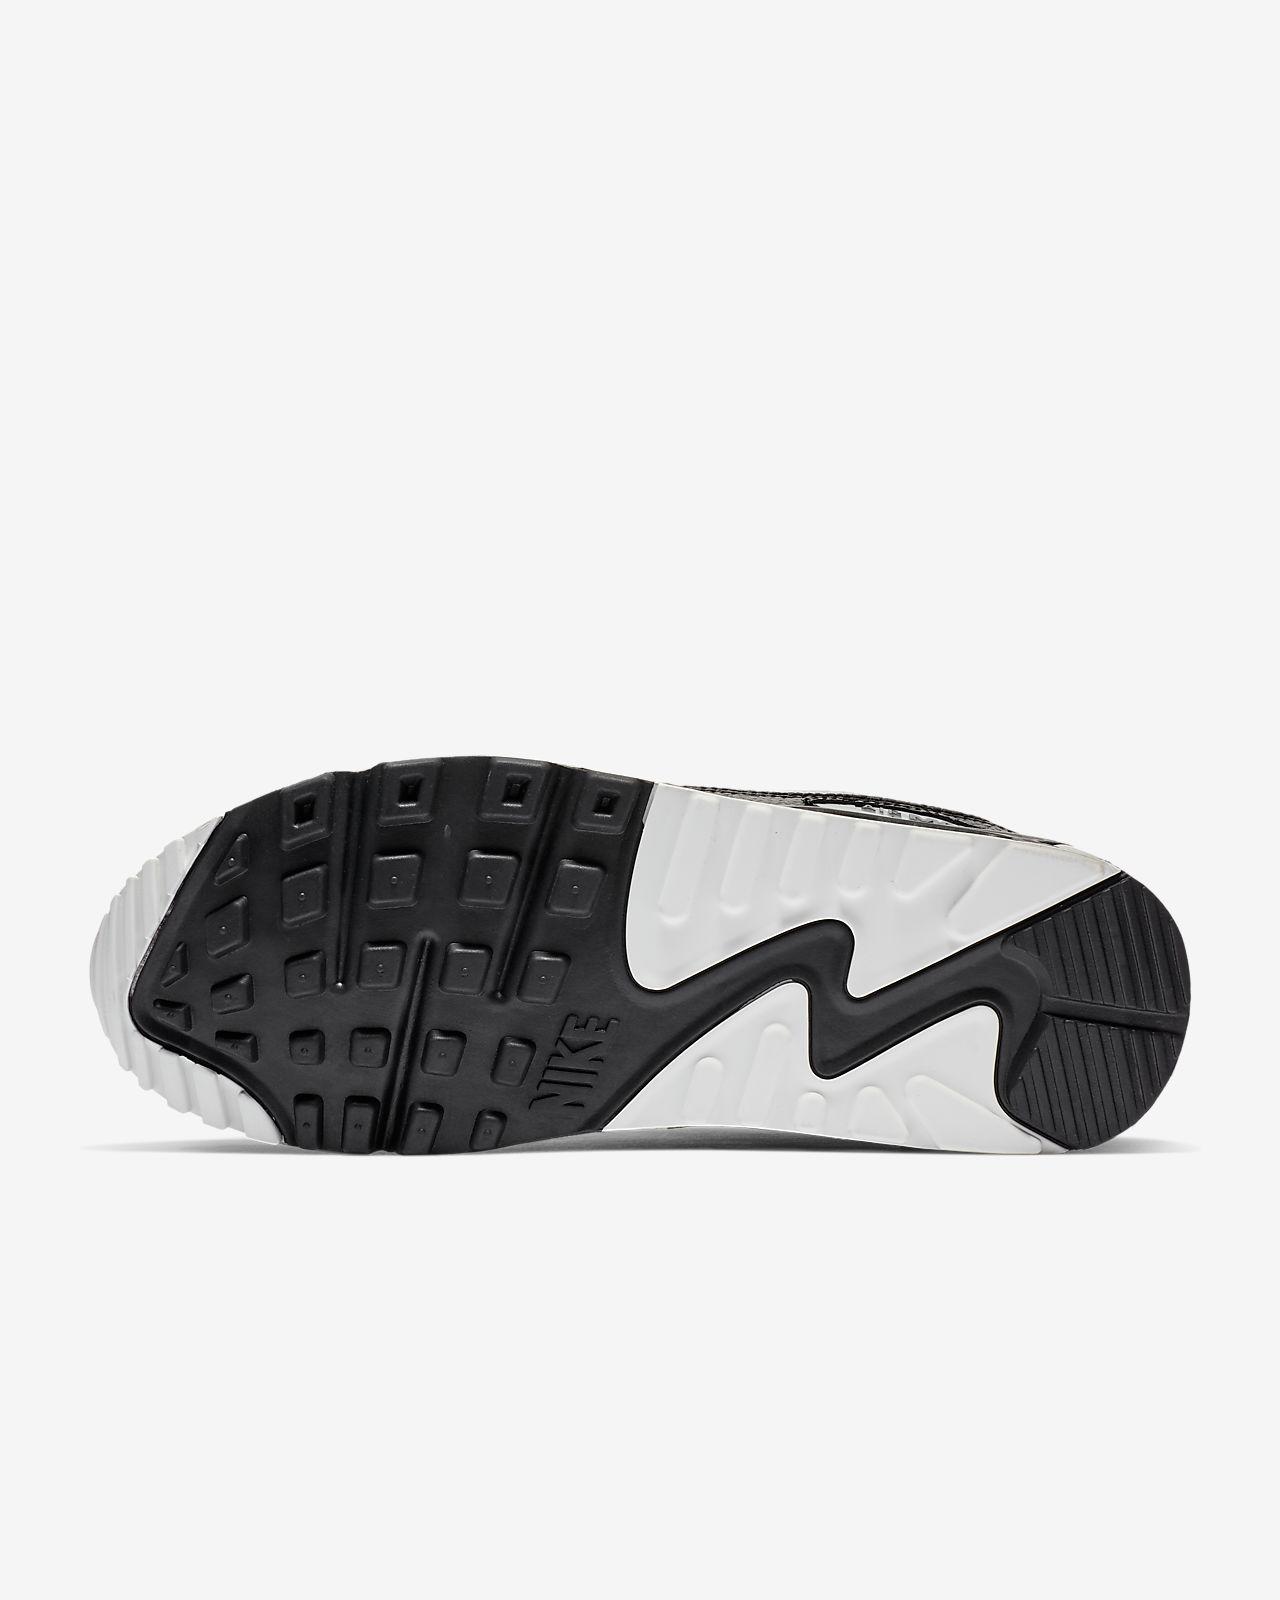 cheaper 4d0dd 0331a ... Chaussure Nike Air Max 90 pour Femme